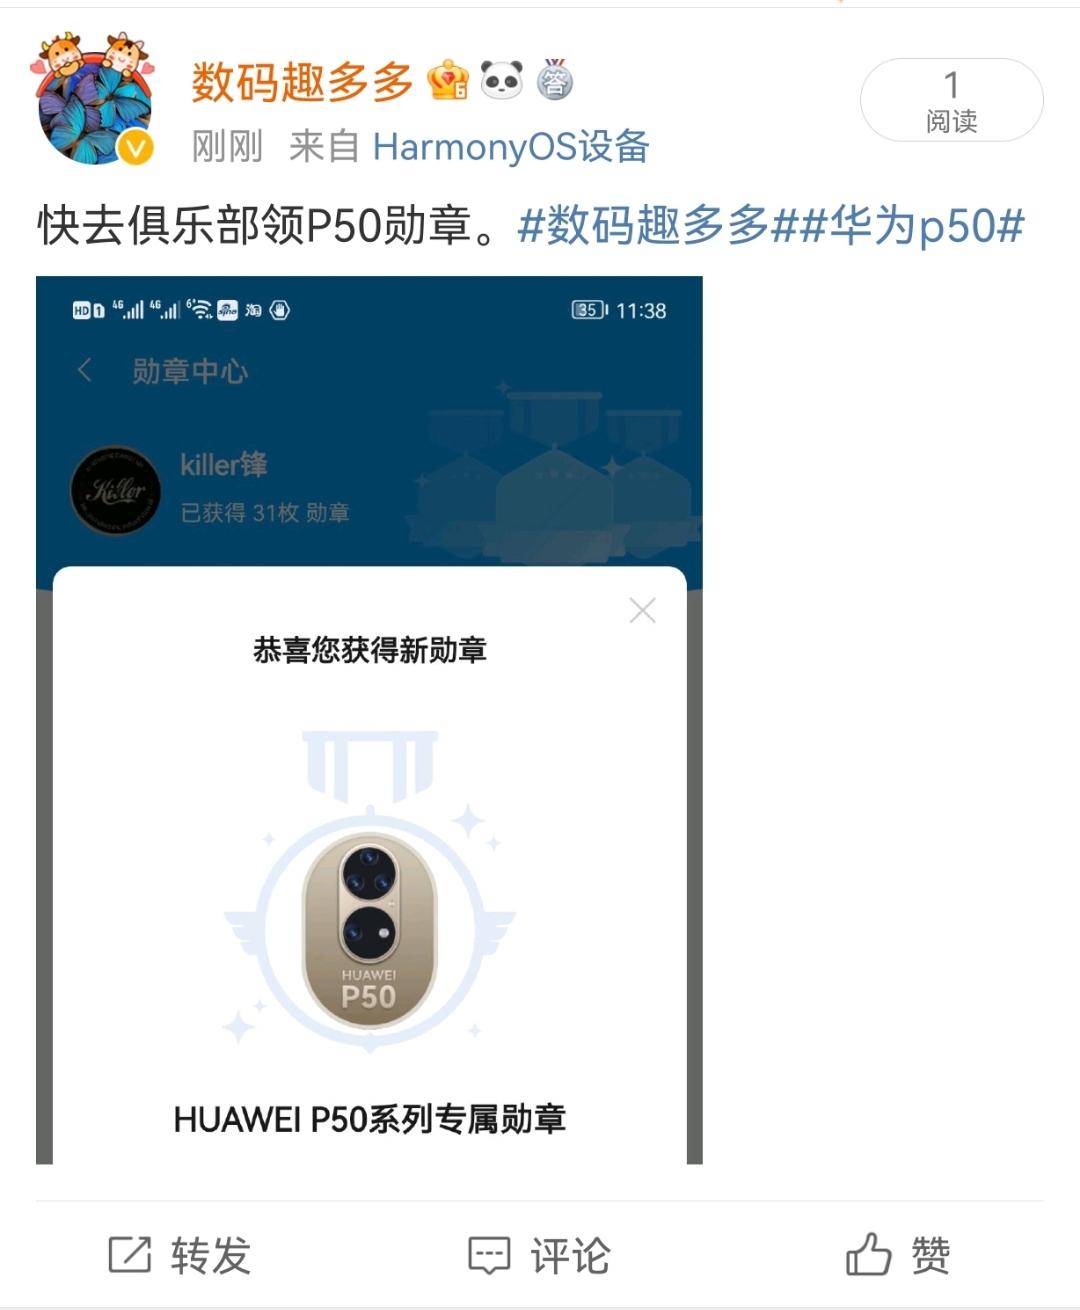 Screenshot_20210823_114138.jpg